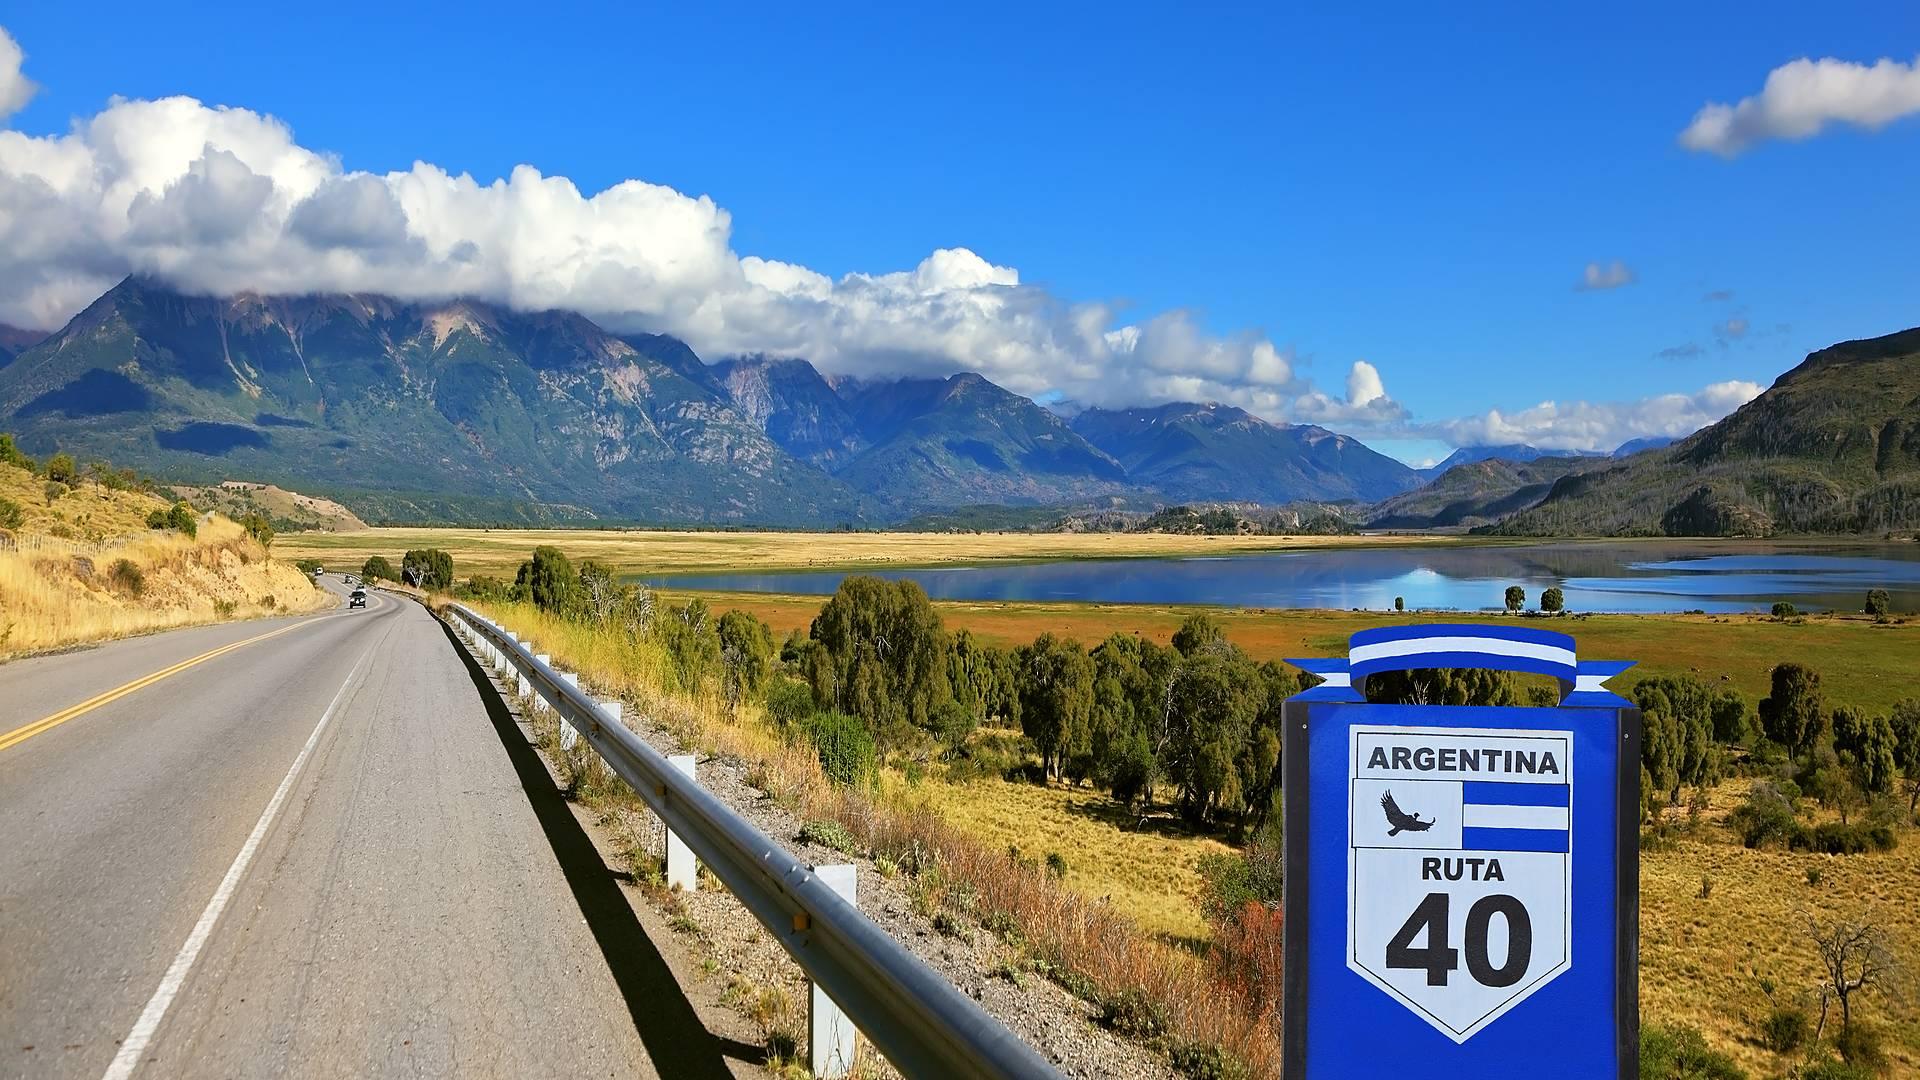 La Ruta 40 percorso sud